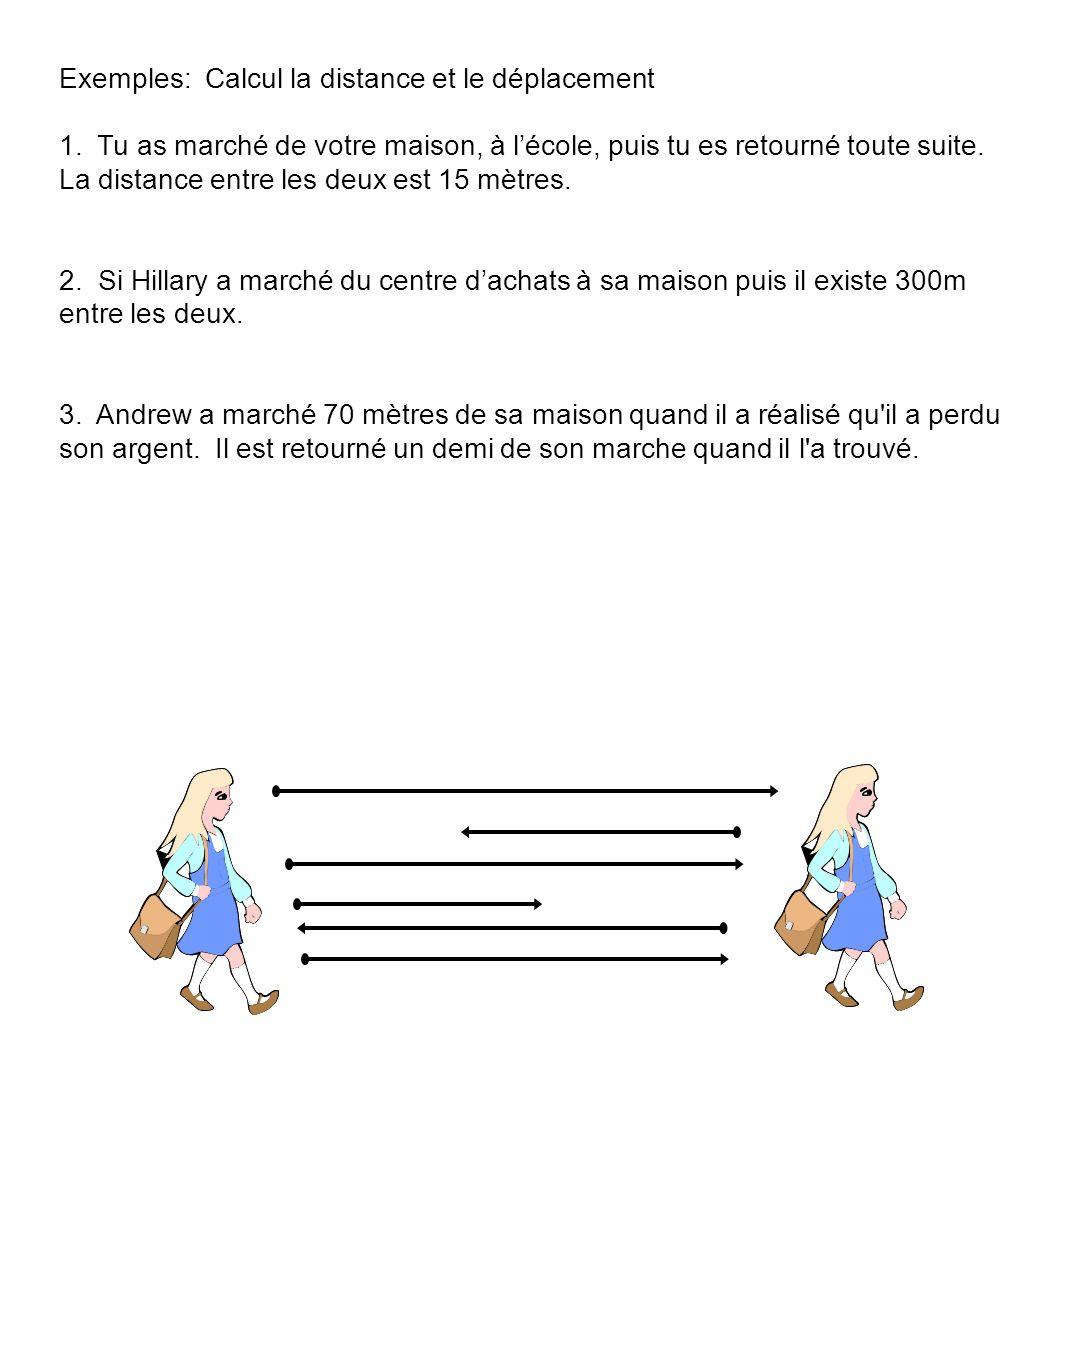 Exemples: Calcul la distance et le déplacement